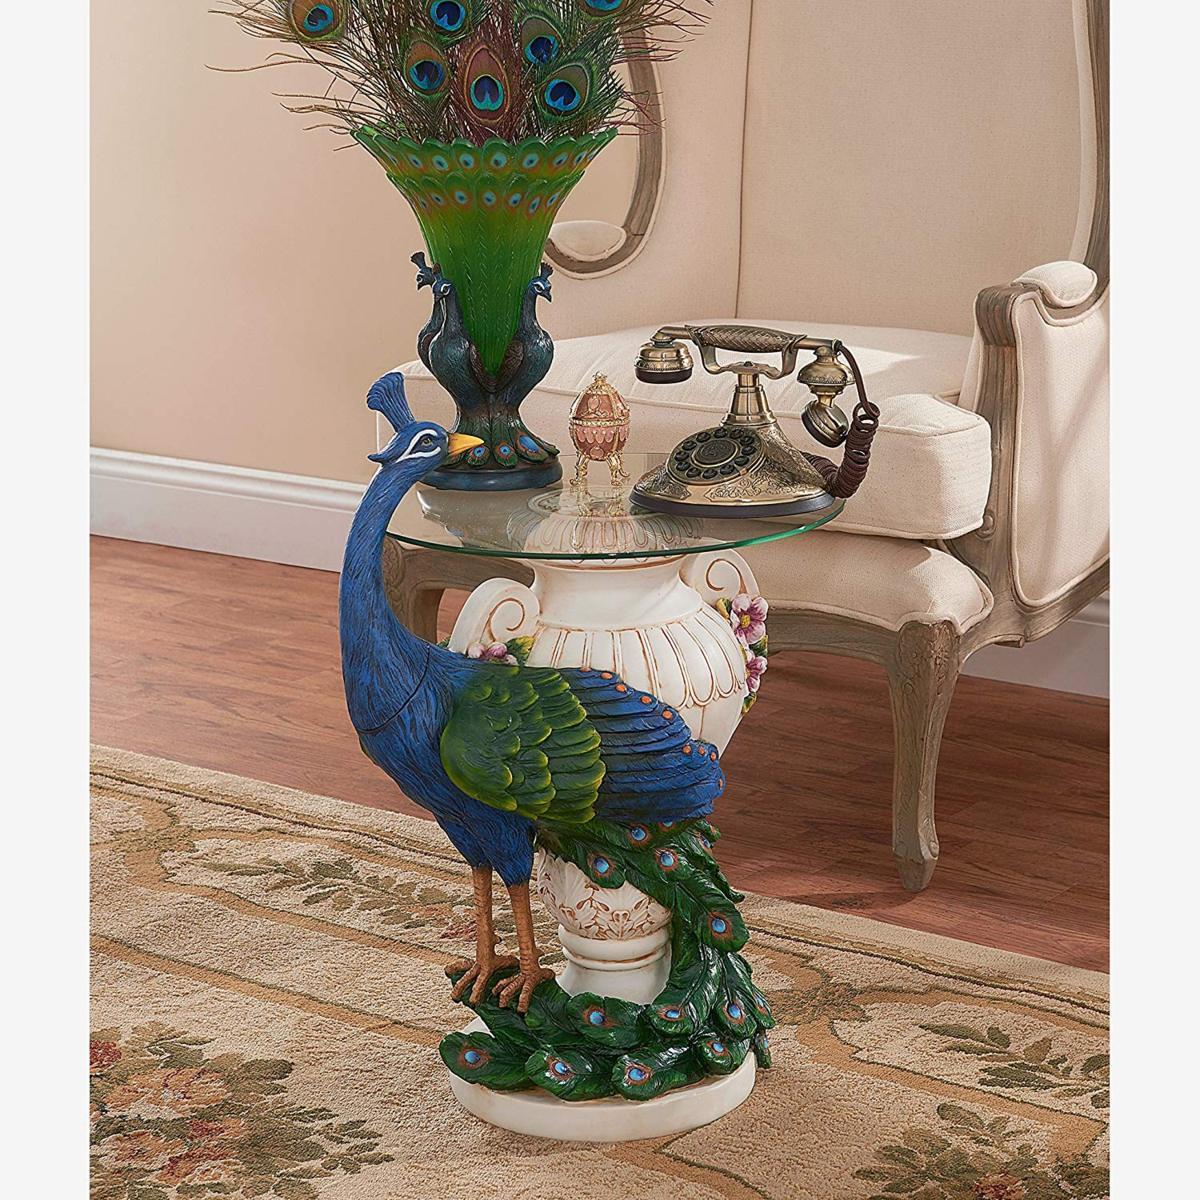 デザイン・トスカノ製 ステイバーデン城 ピーコック(孔雀)ガラストップ サイドテーブル高さ約63cm フルカラー 彫像 彫刻(輸入品)